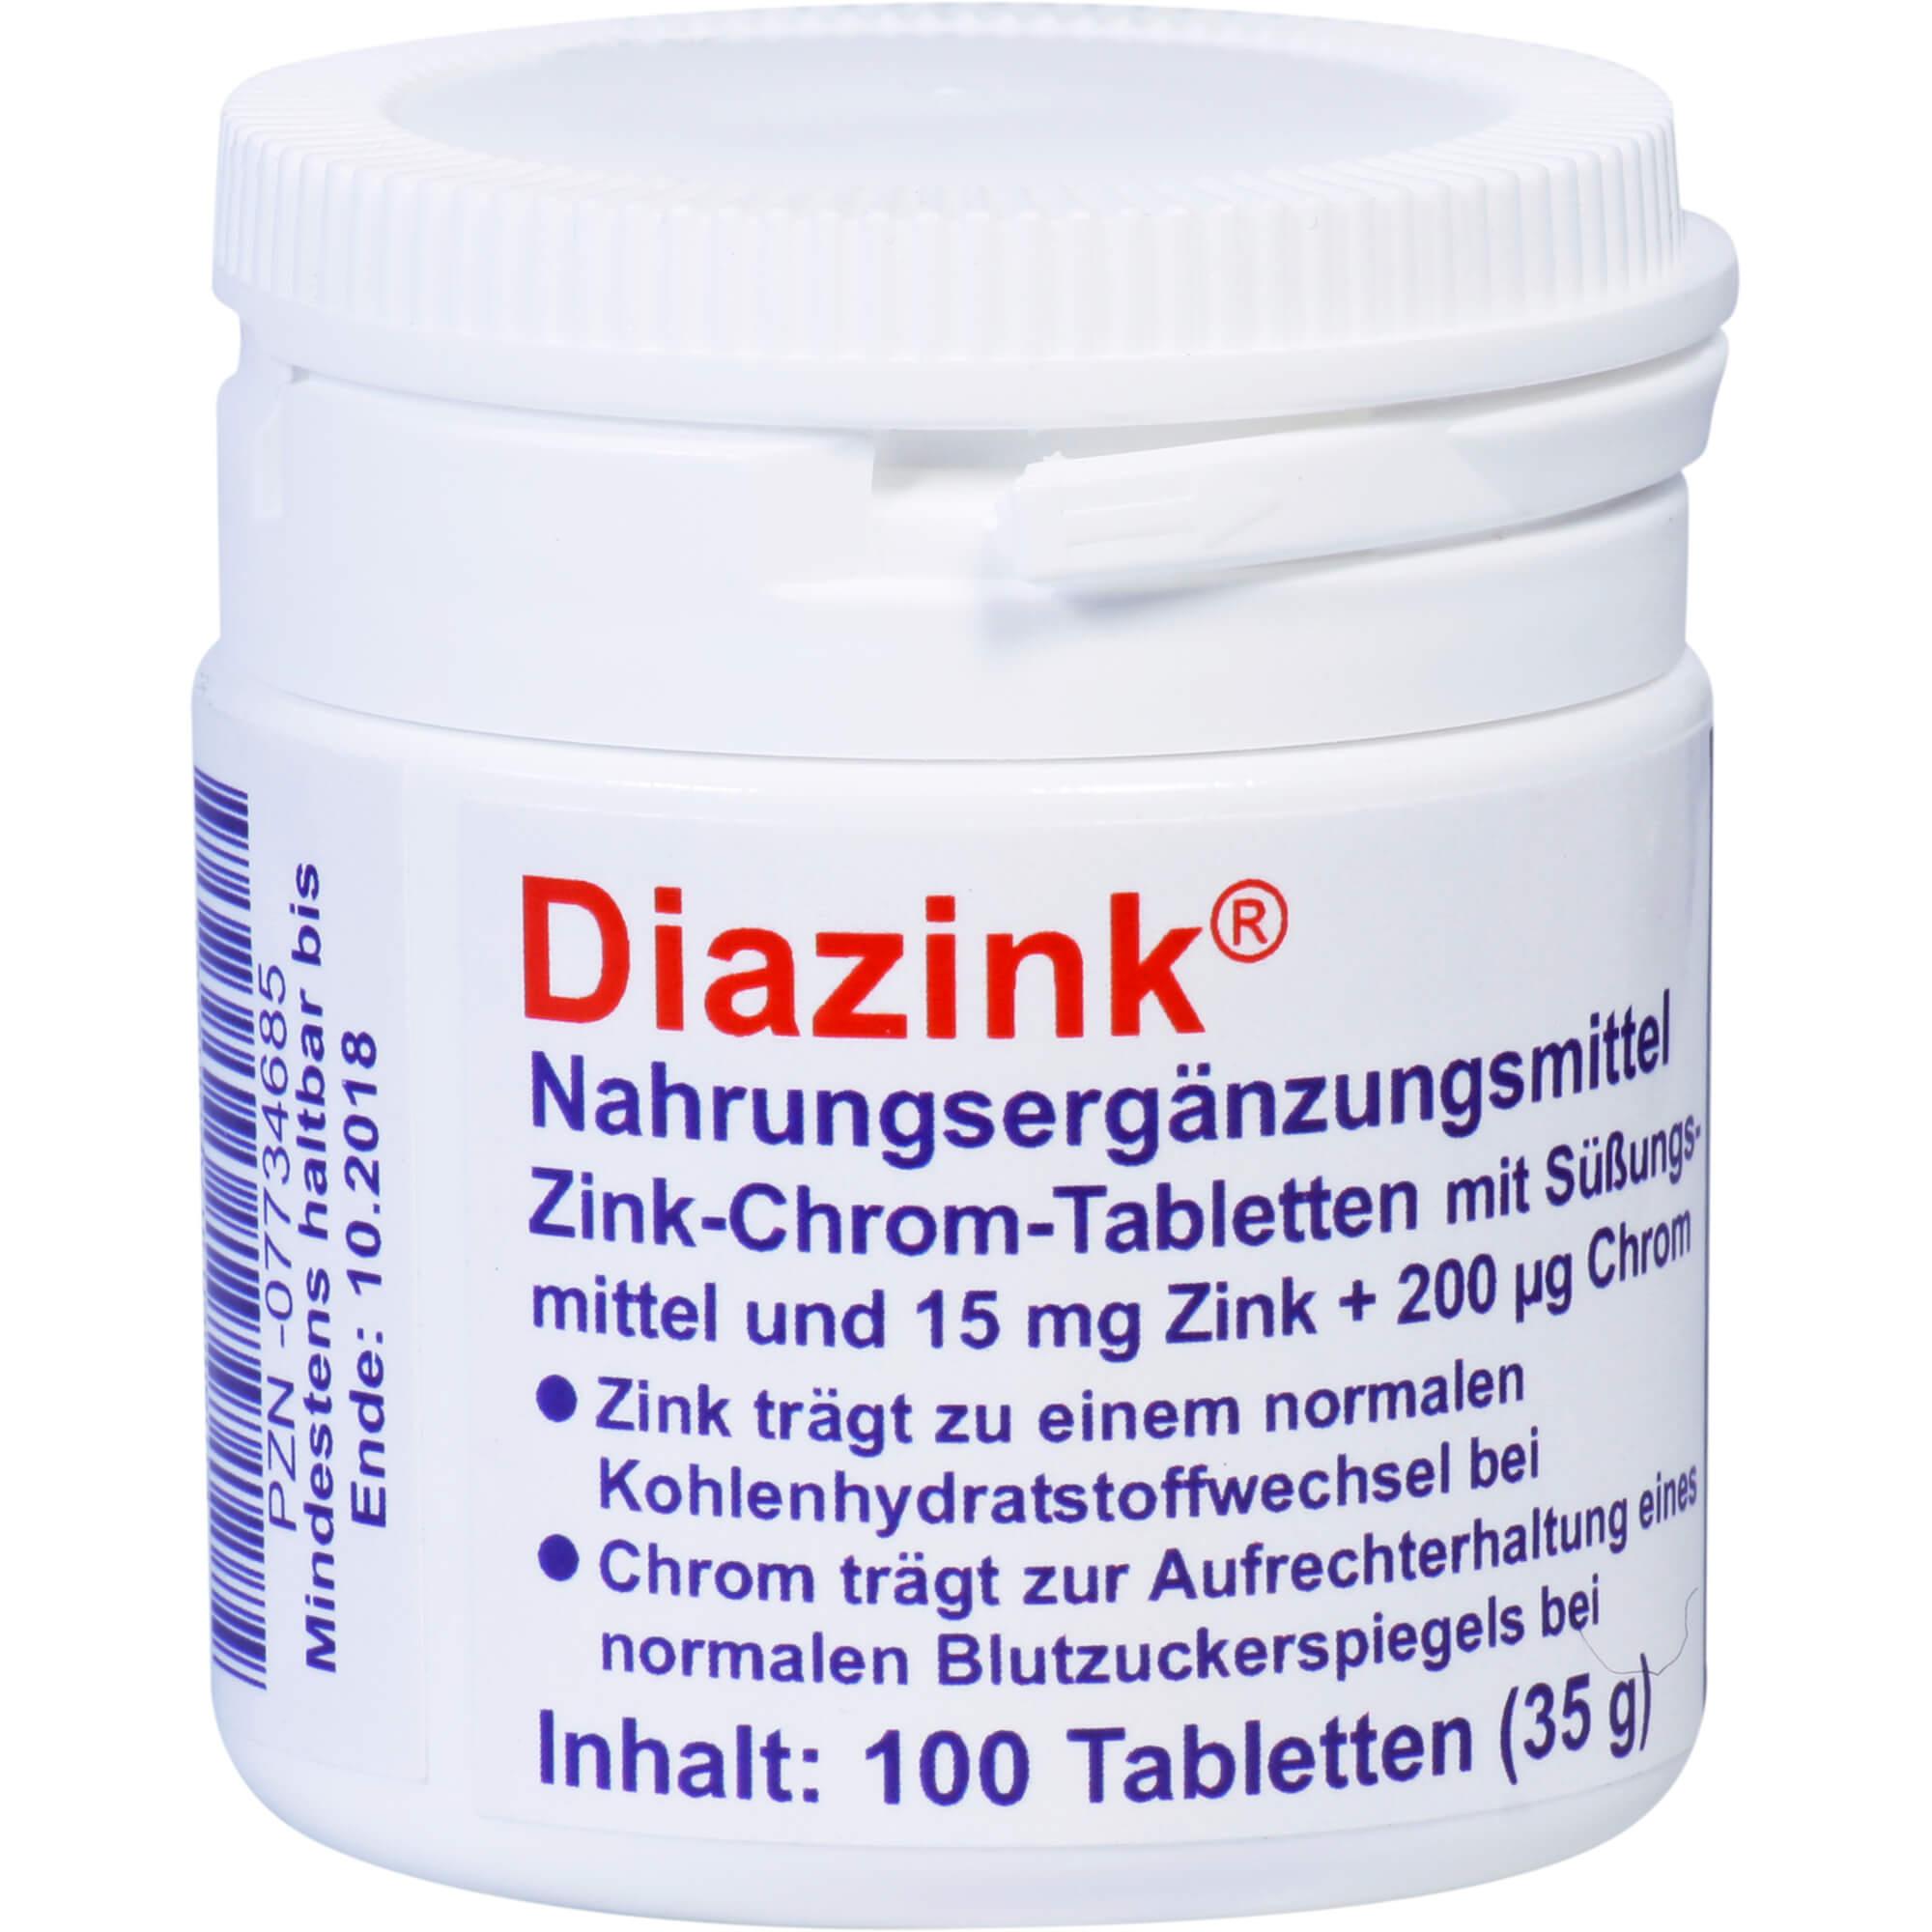 Zink bei Diabetes mellitus für bessere Blutzucker-Spiegel